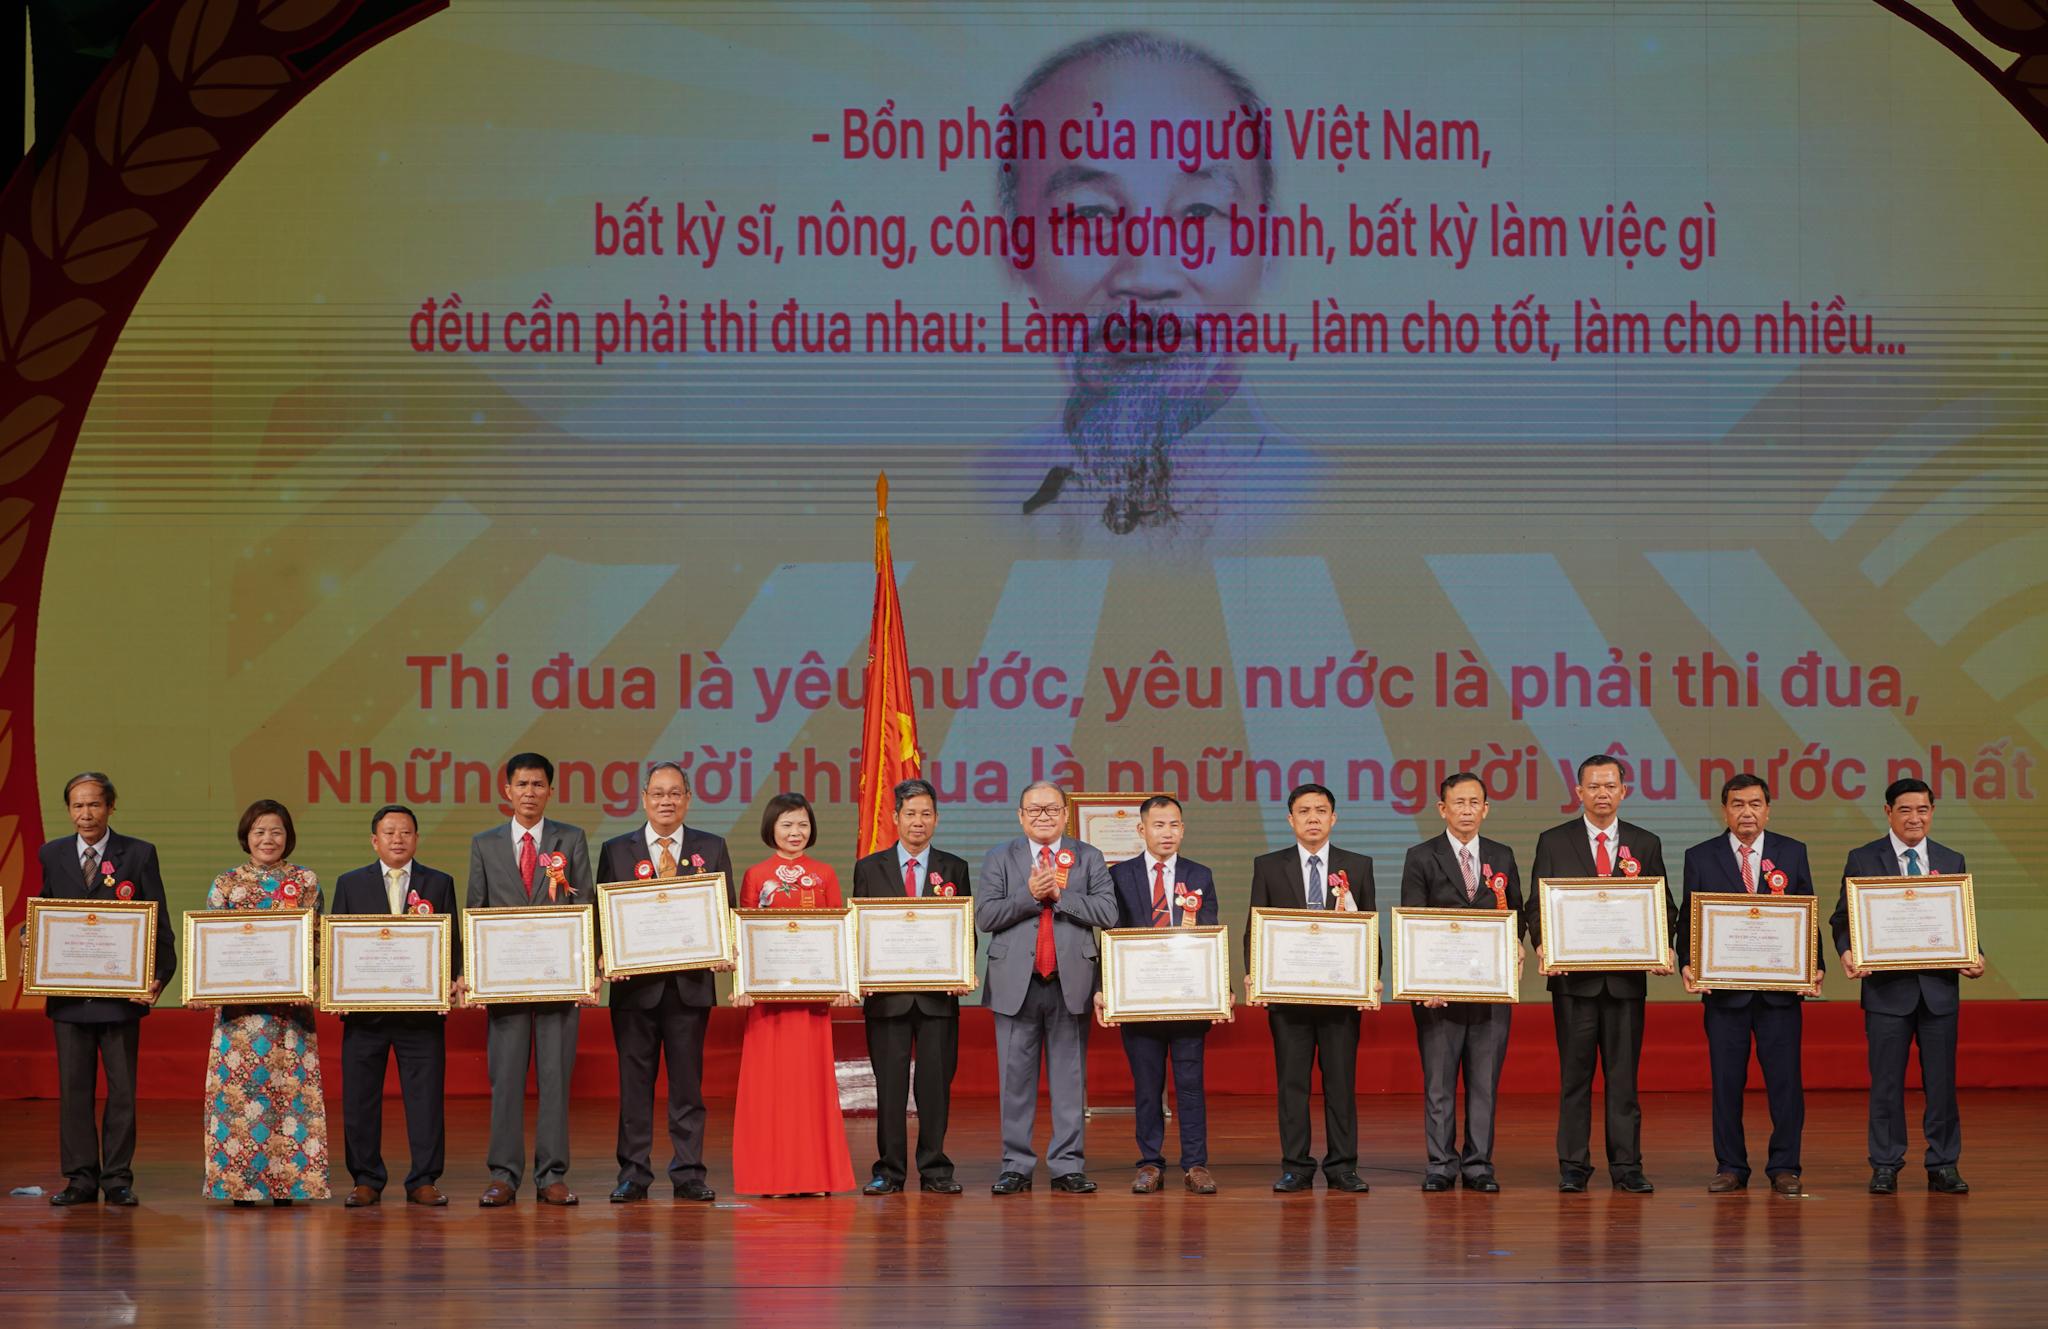 Chủ tịch Hội Nông dân Việt Nam trao Huân chương Lao động cho nông dân tiêu biểu. Ảnh: VGP/Quang Hiếu